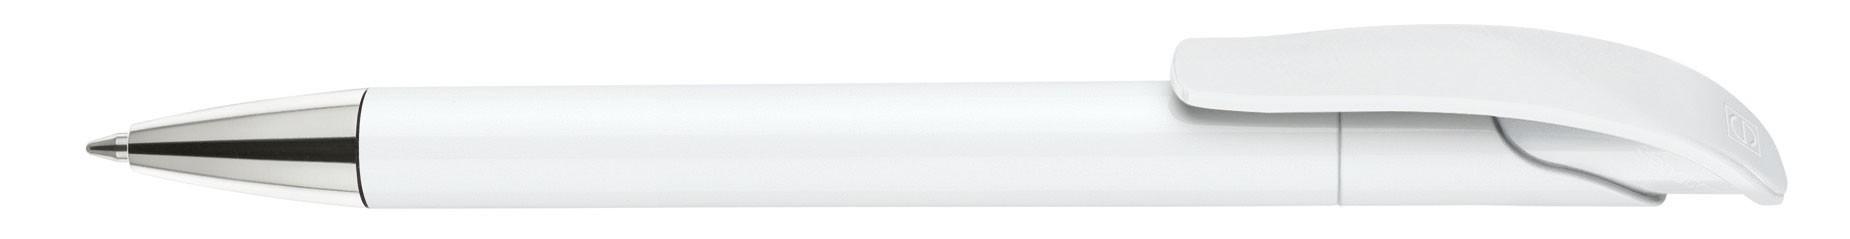 Stylo personnalisable écologique Challenger Polished Metallic - objet publicitaire